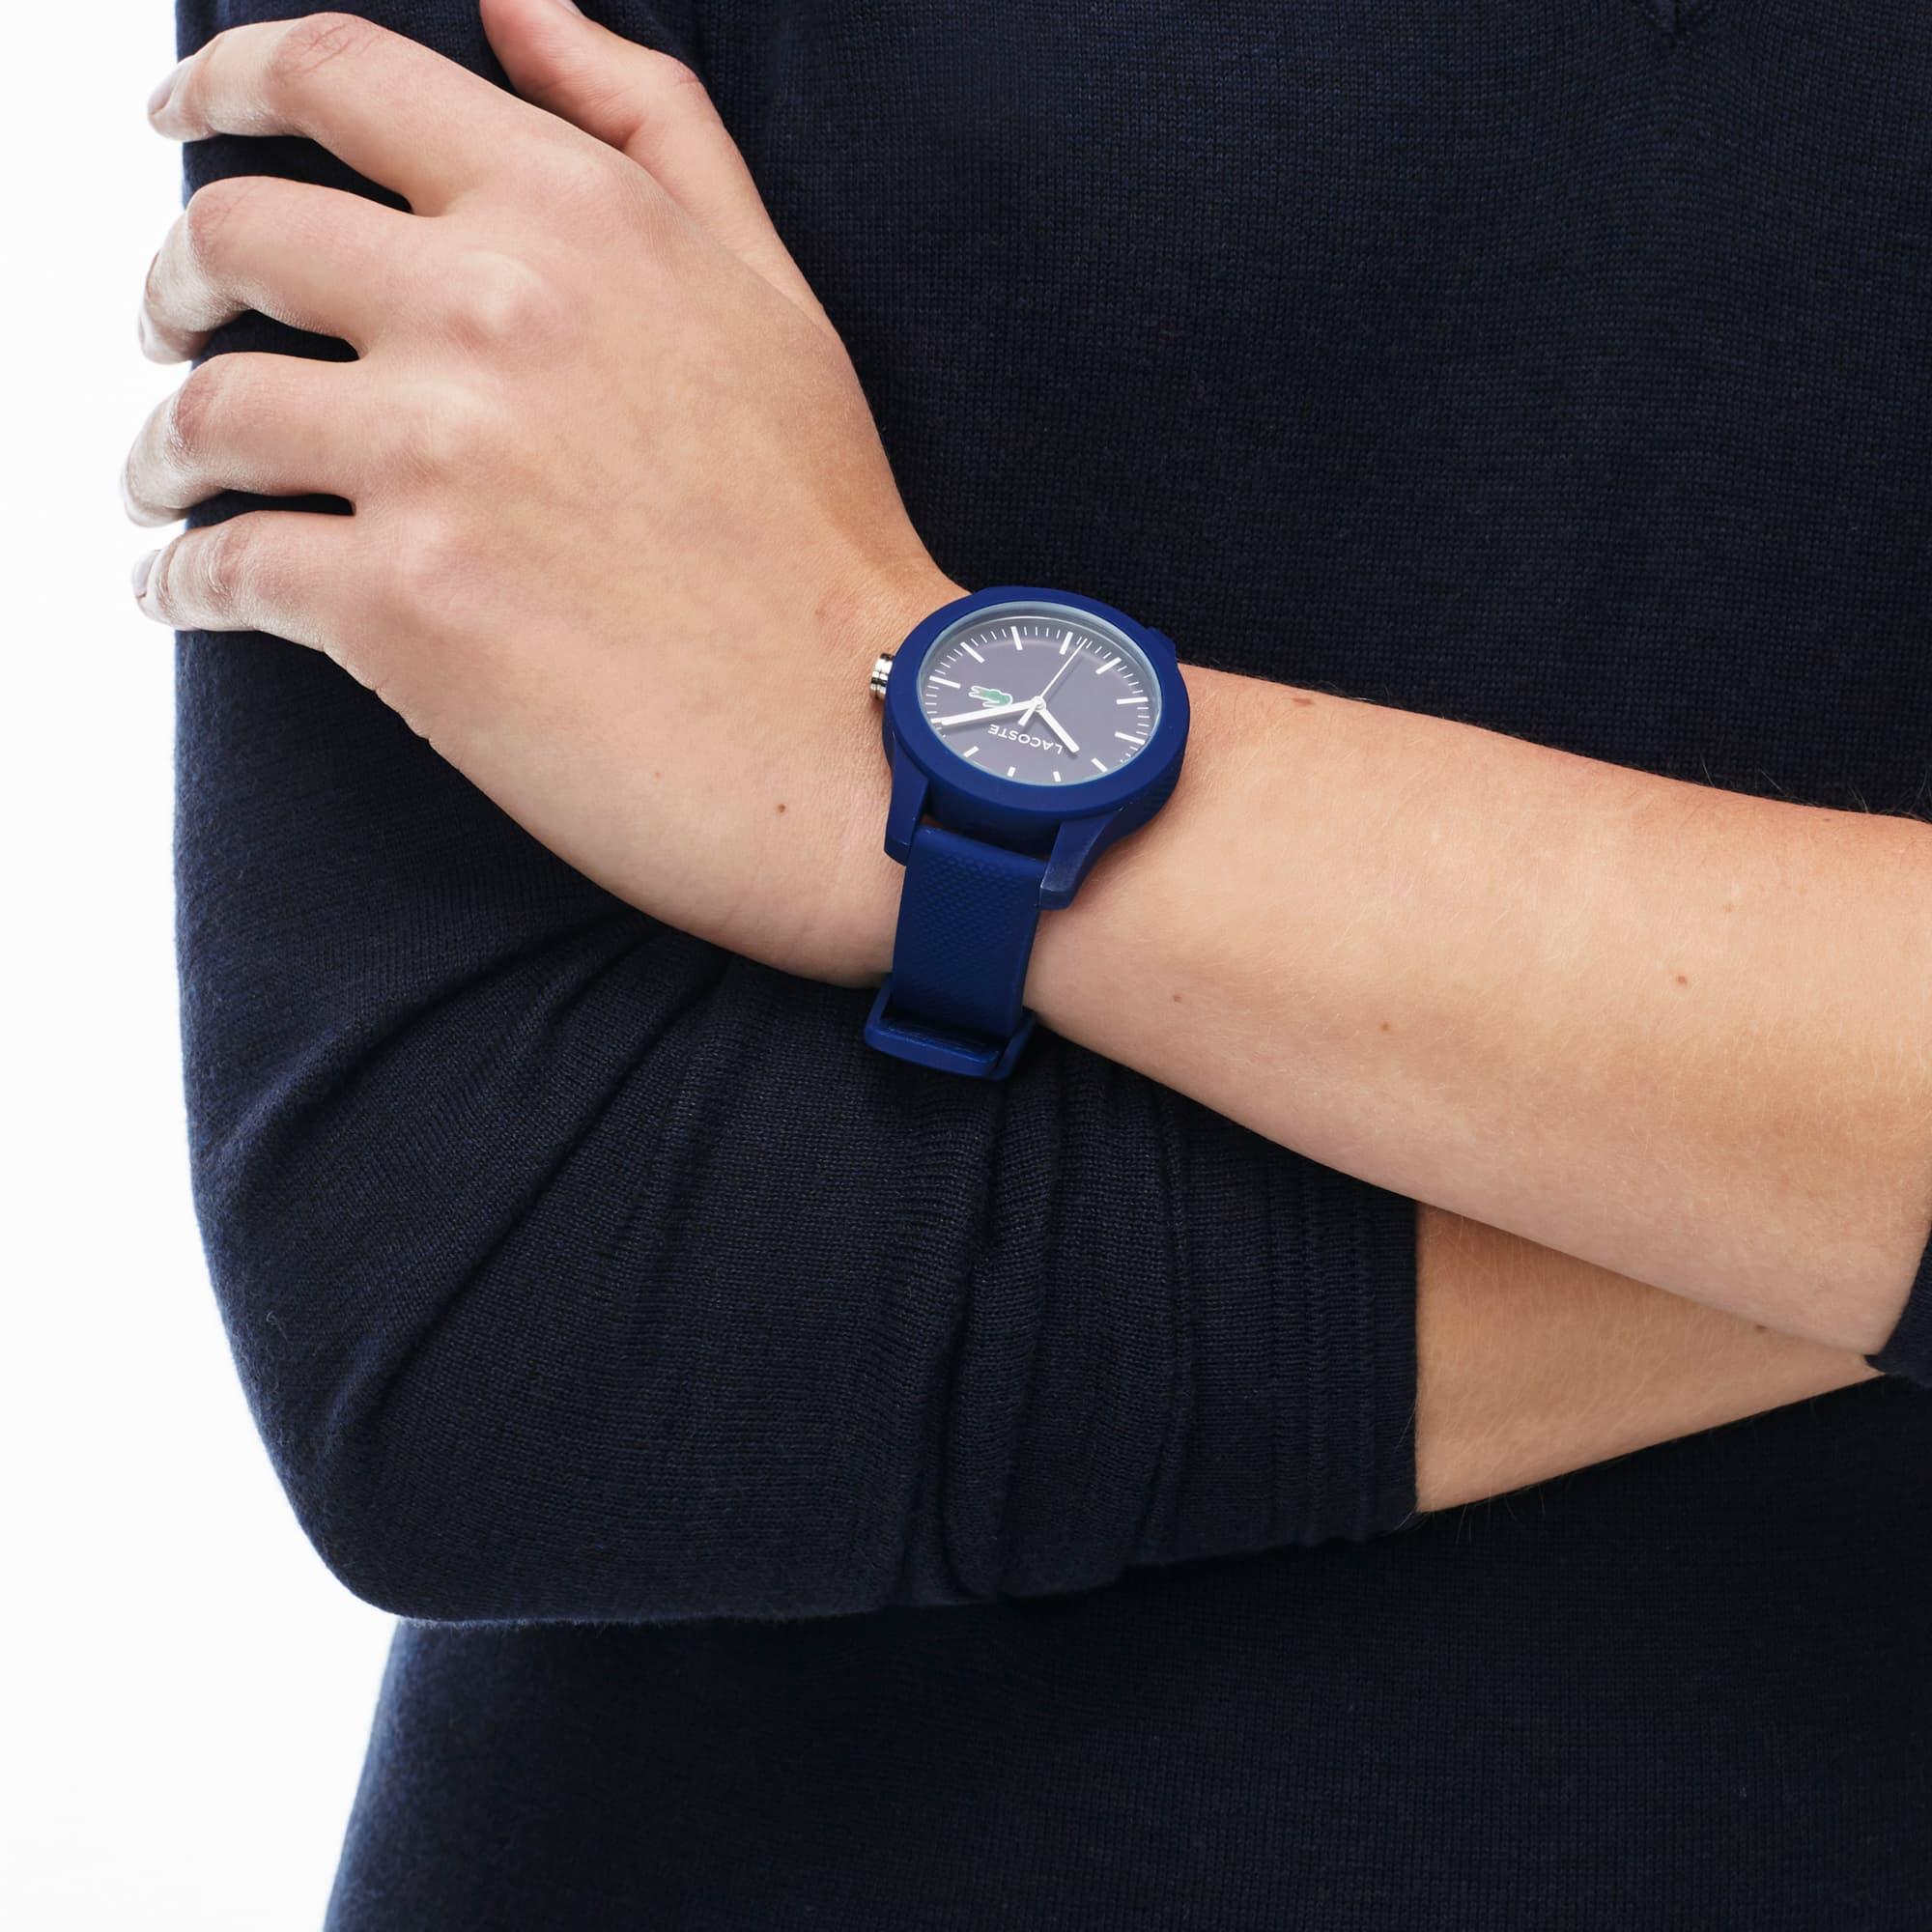 Montre Lacoste 12.12 Femme avec Bracelet Bleu en Silicone